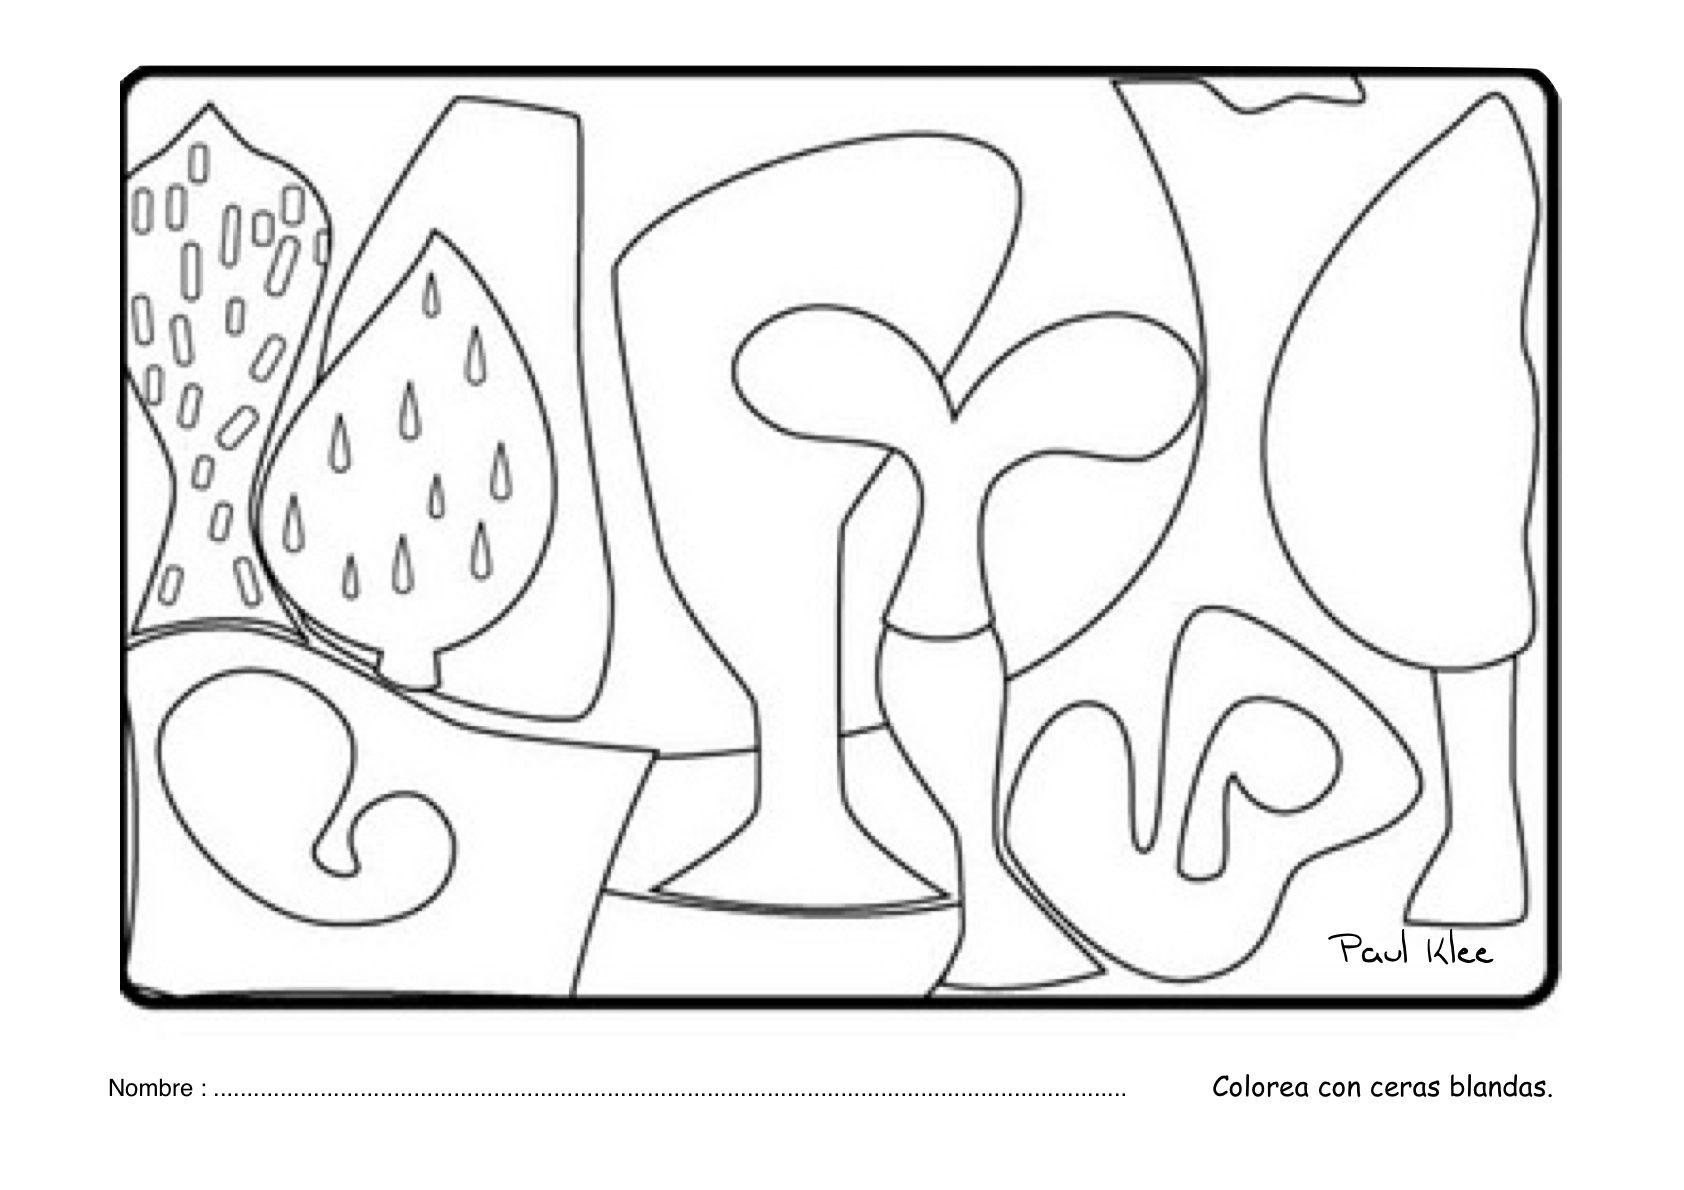 Malvorlagen Paul Klee Senecio Coloring and Malvorlagan